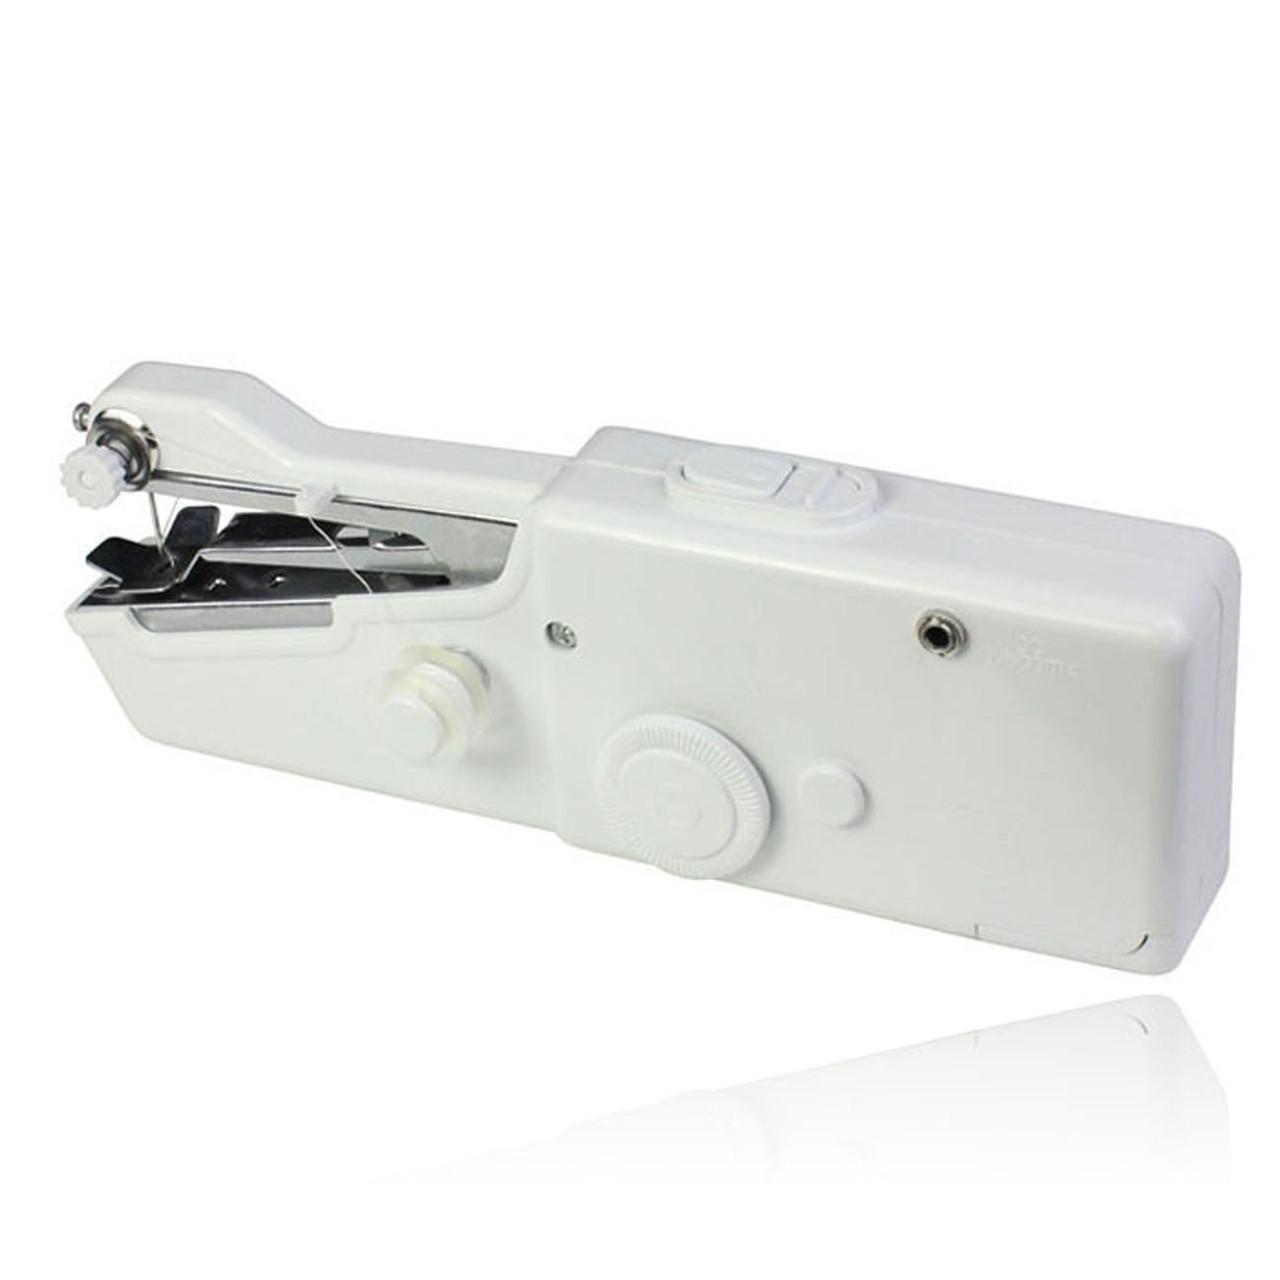 Мини швейная машинка (ручная) Handy Stitch, Портативная швейная машинка, Автономная ручная мини-машинка